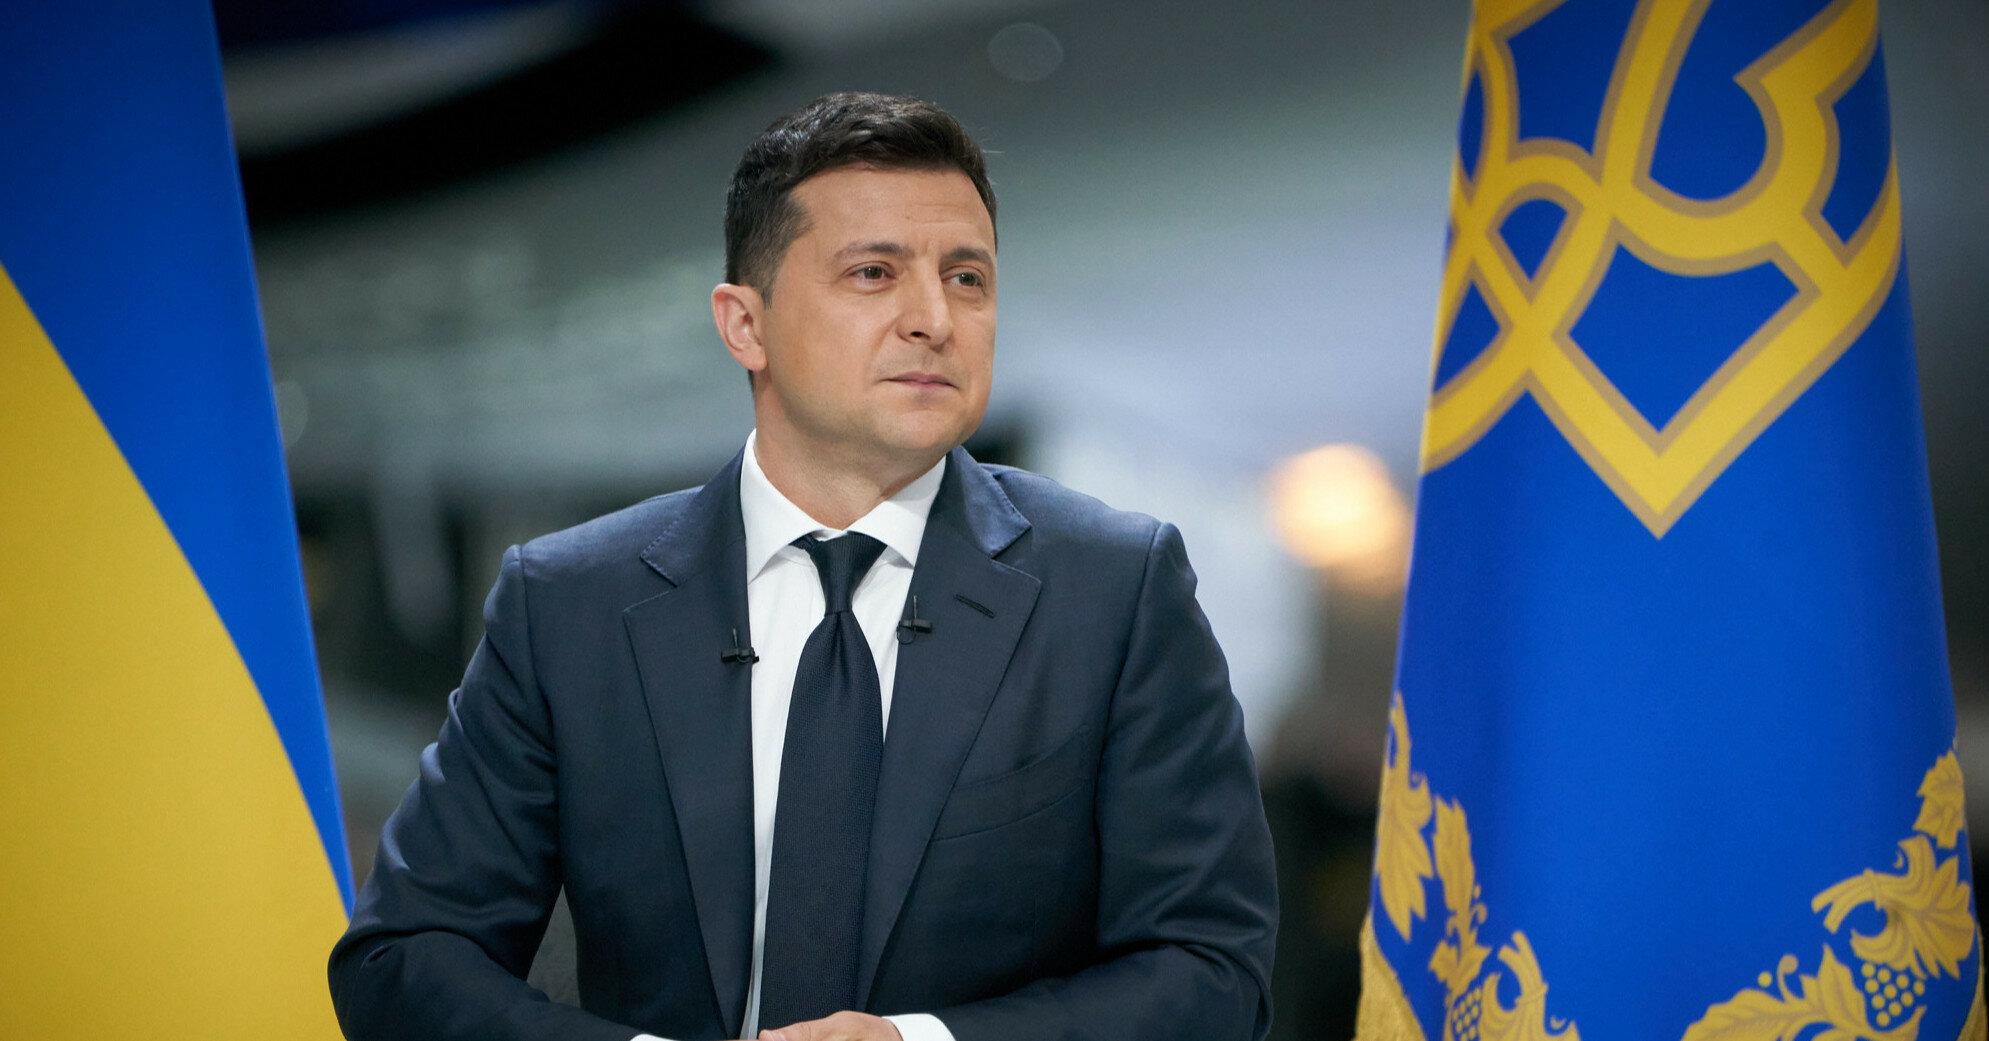 Законпроект Зеленского о большом гербе зарегистрировали в Раде